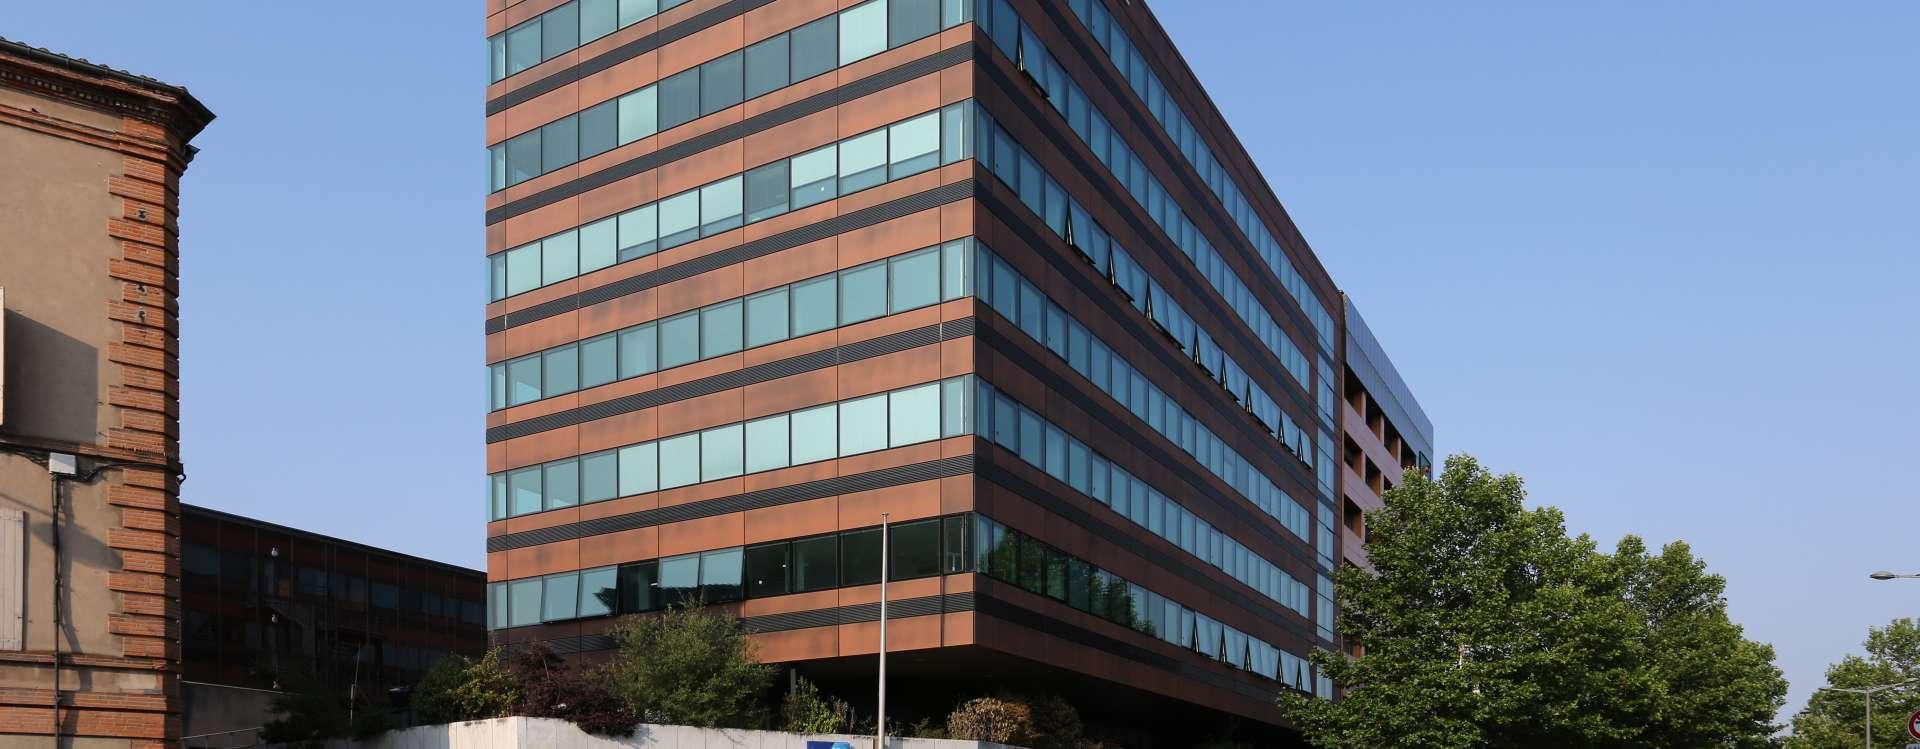 Banque Populaire Occitane in Albi